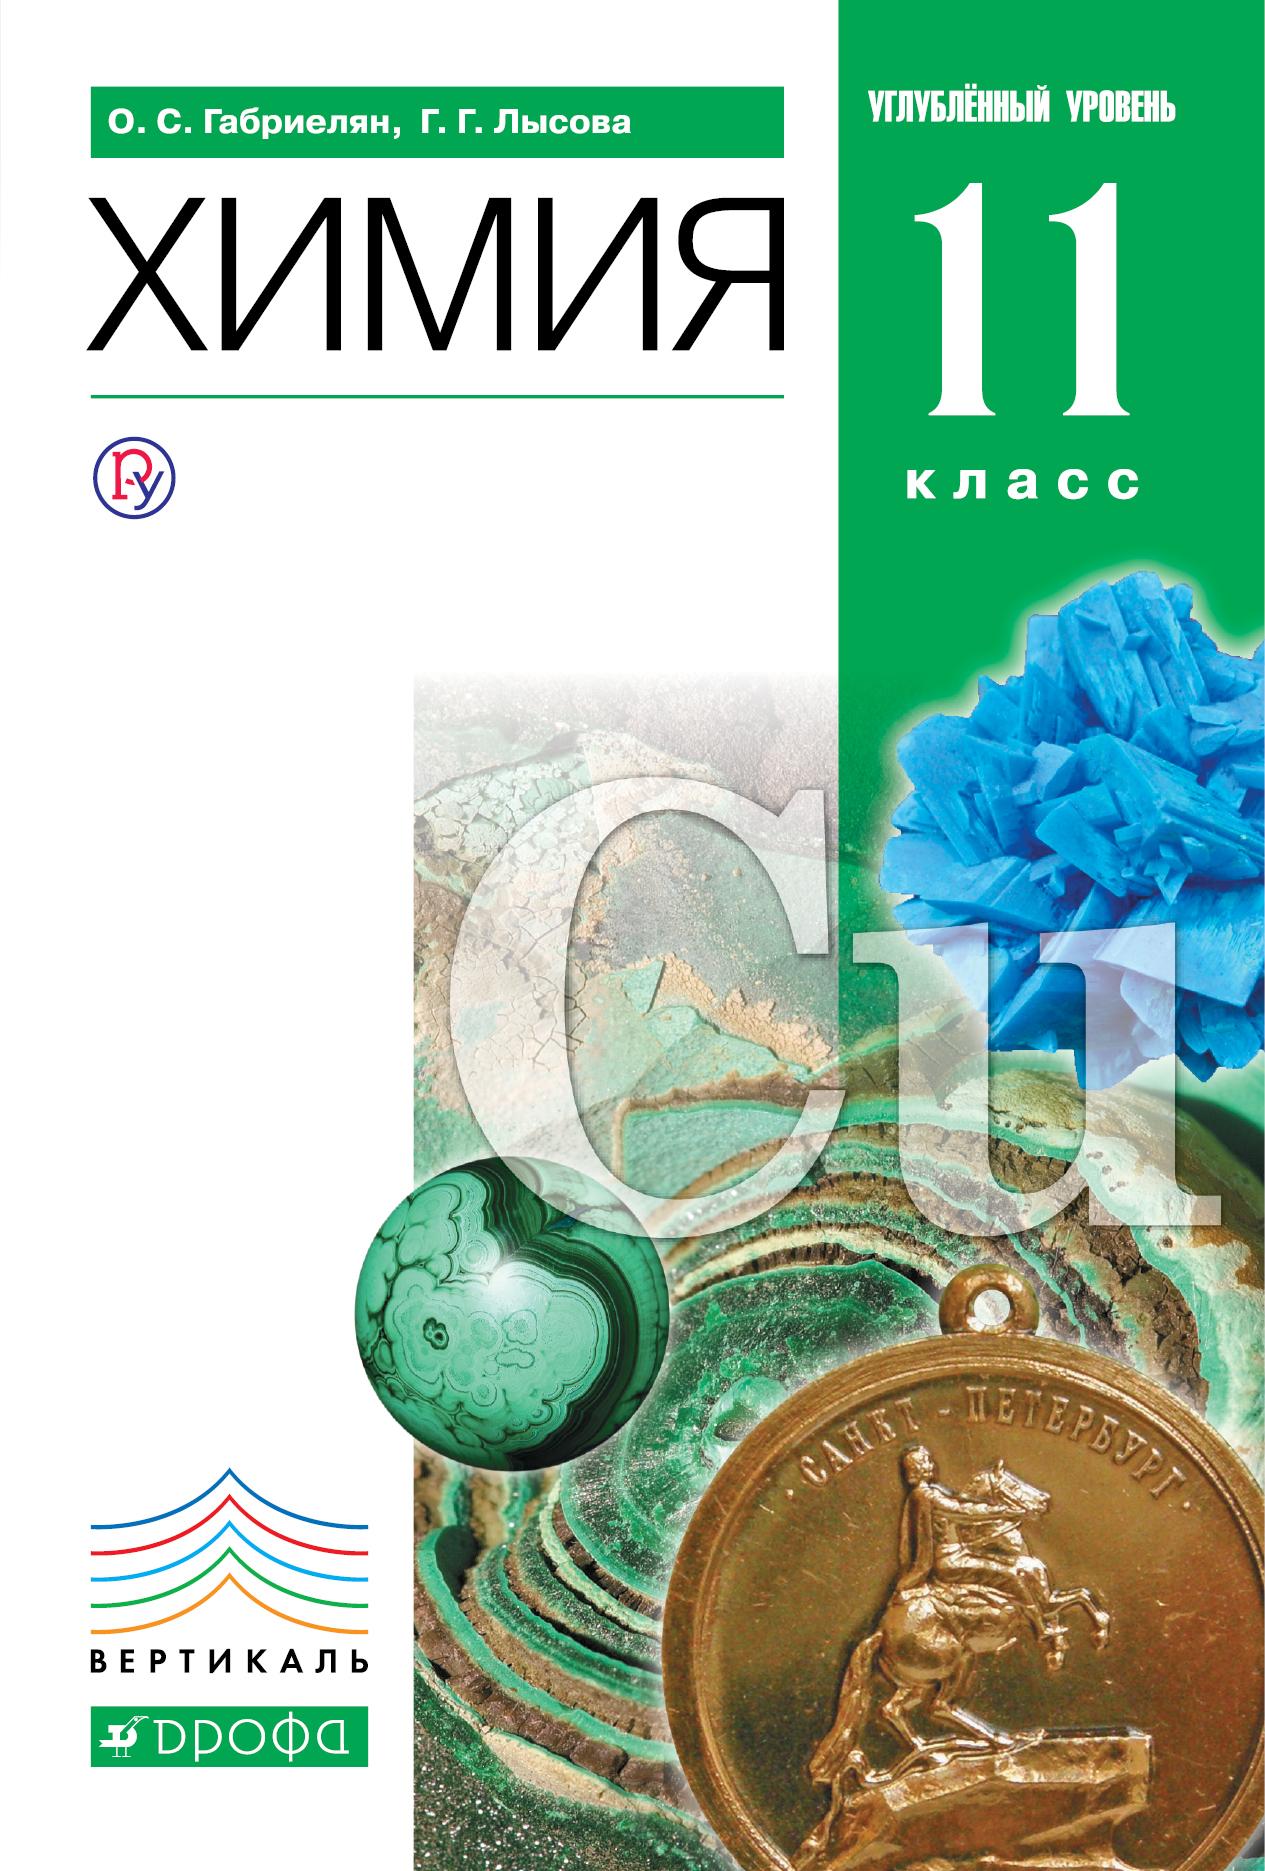 Габриелян О.С. Химия. 11 класс. Учебник. Углубленный уровень габриэлян остроумов химия вводный курс 7 класс дрофа в москве